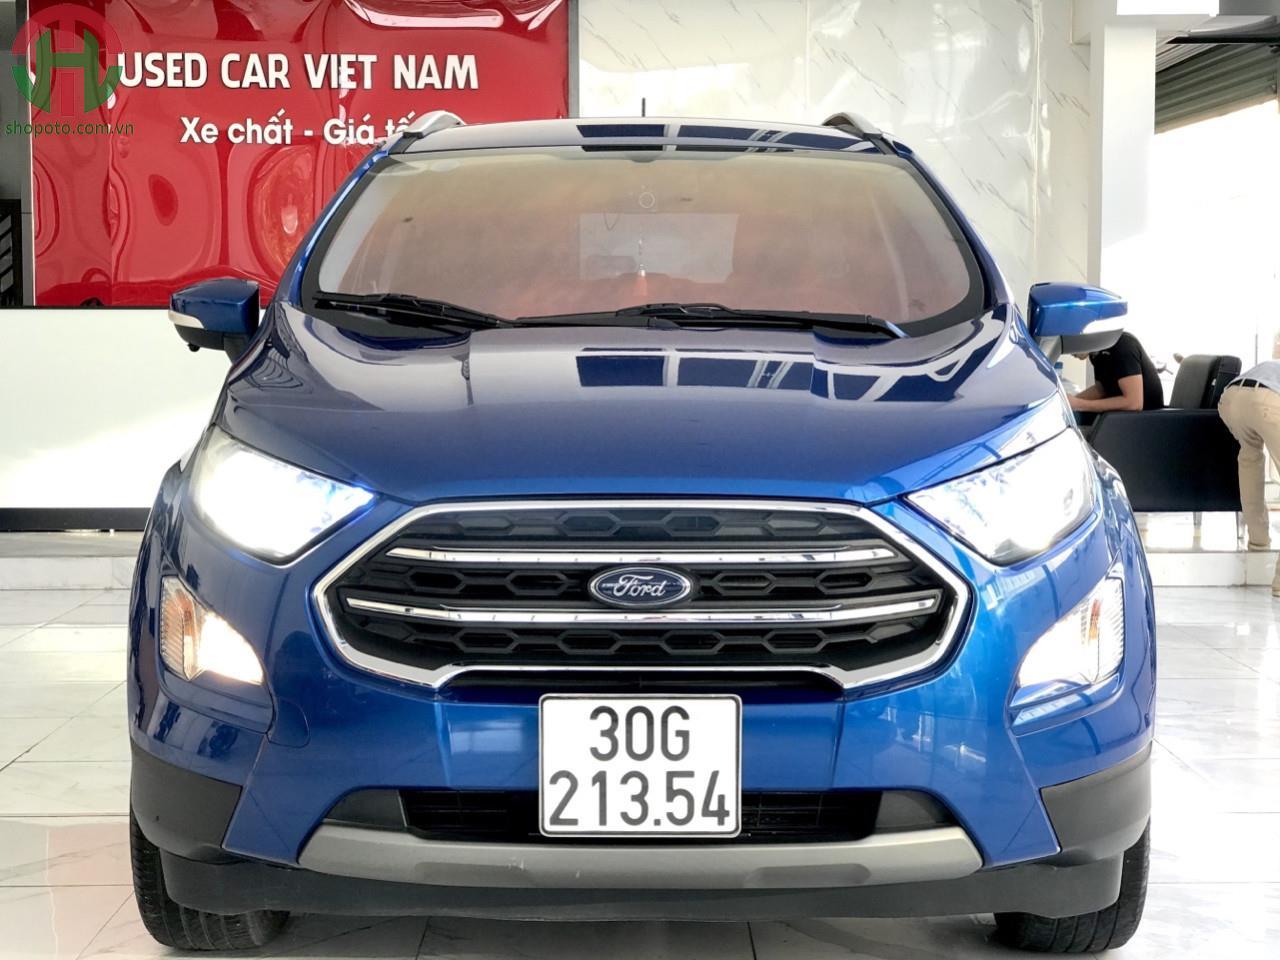 Ford EcoSport 1.5 L 2018 Titanium màu Xanh Thiên Thanh